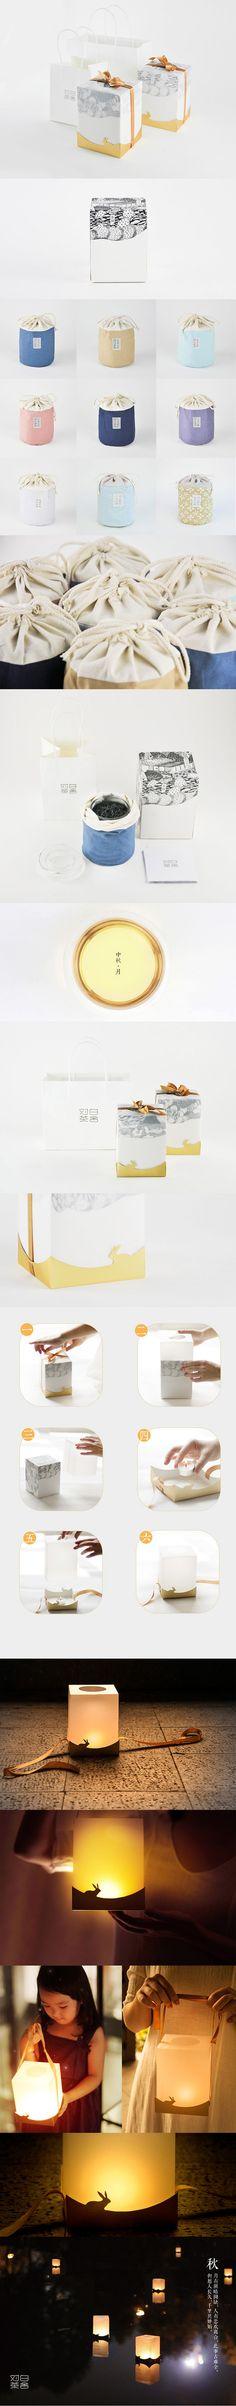 点亮中秋@七言设计采集到包装(761图)_花瓣平面